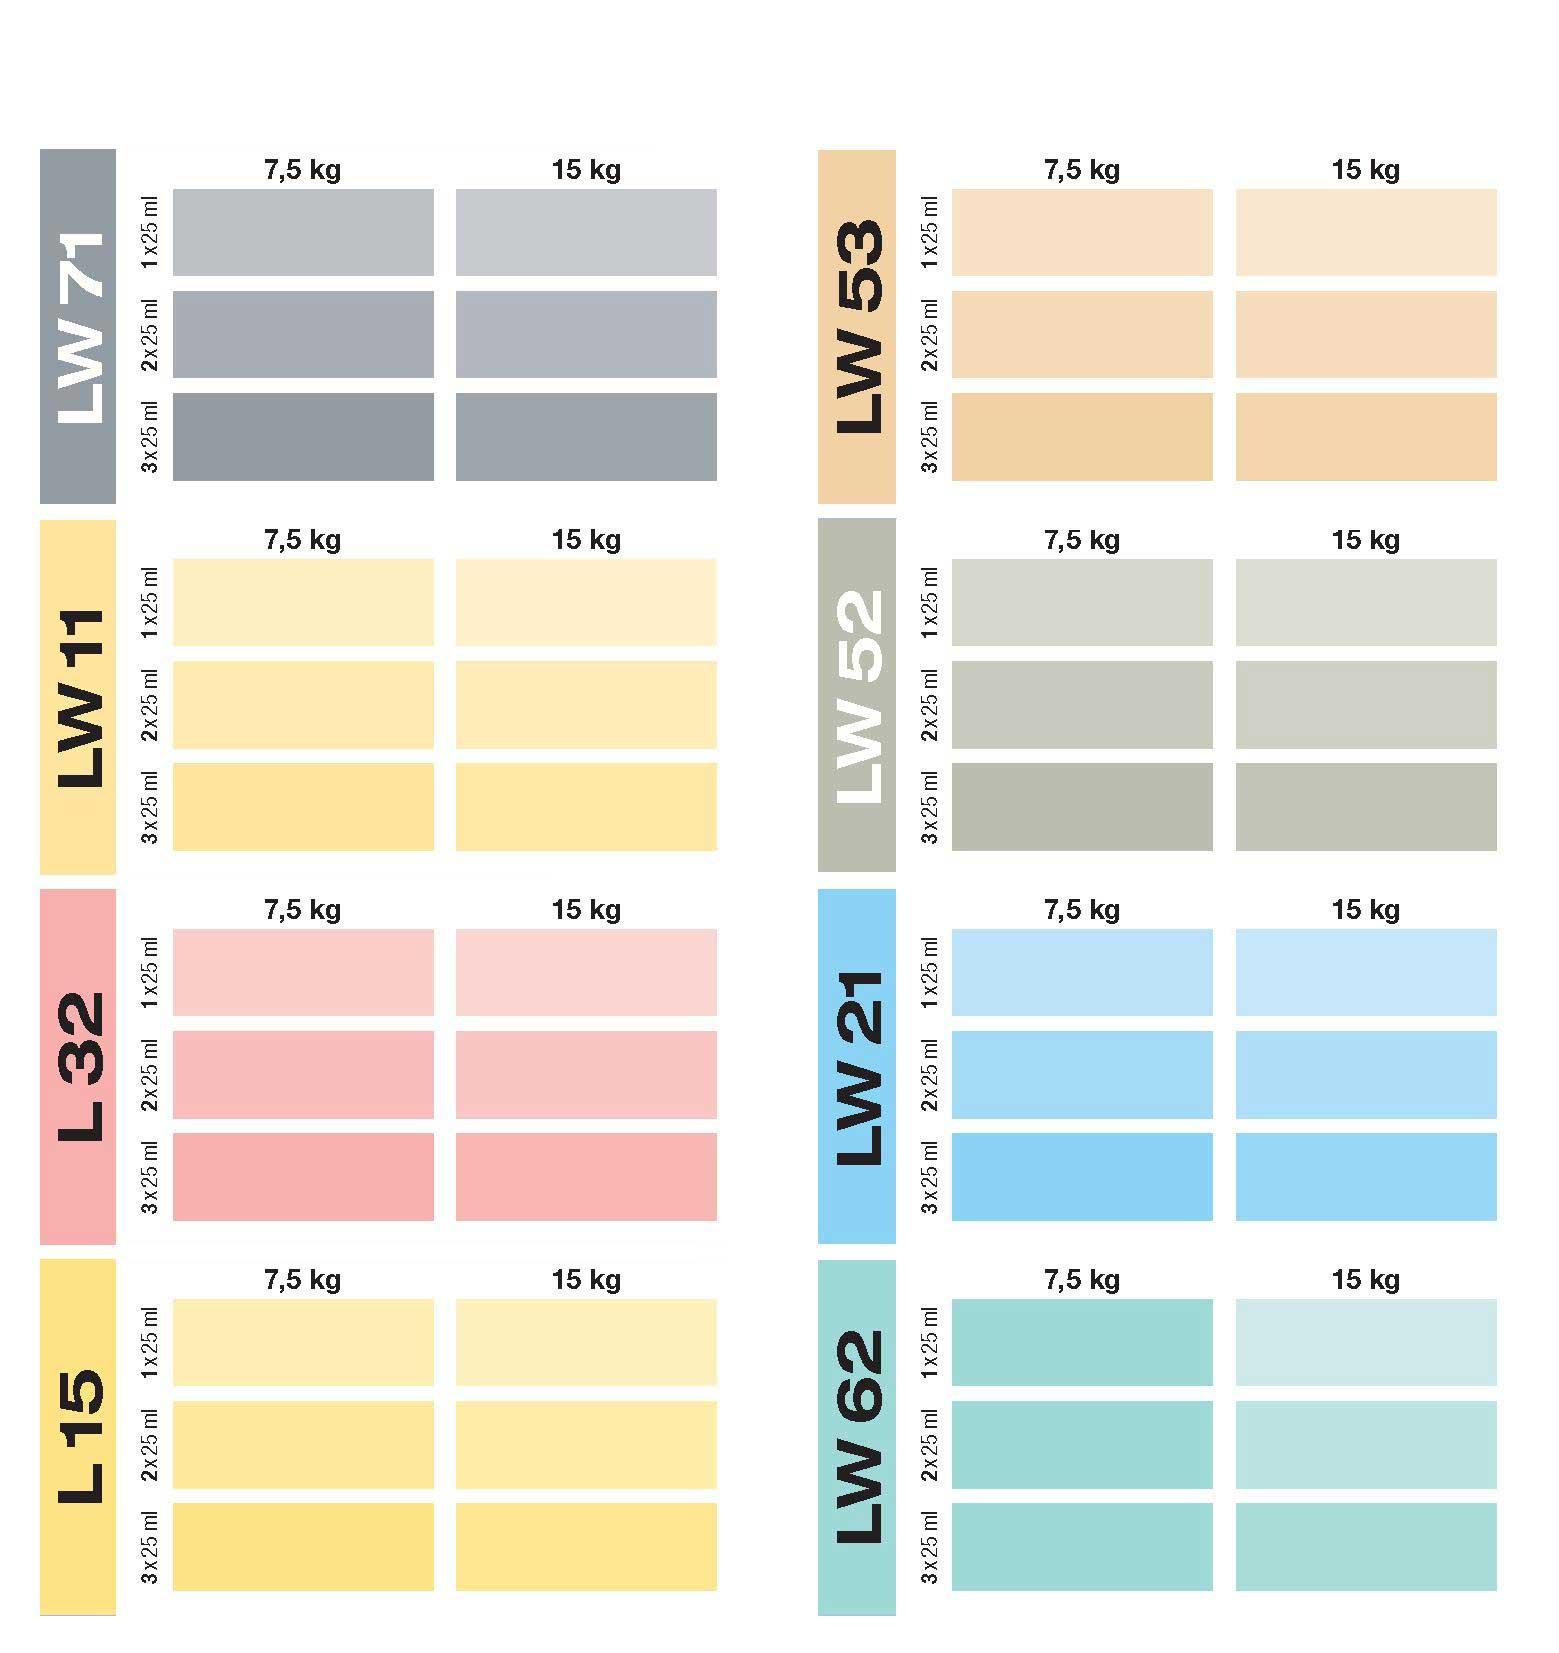 Paleta de colores pintura paredes trendy ocres y rojizos - Paleta de colores para pintar paredes ...